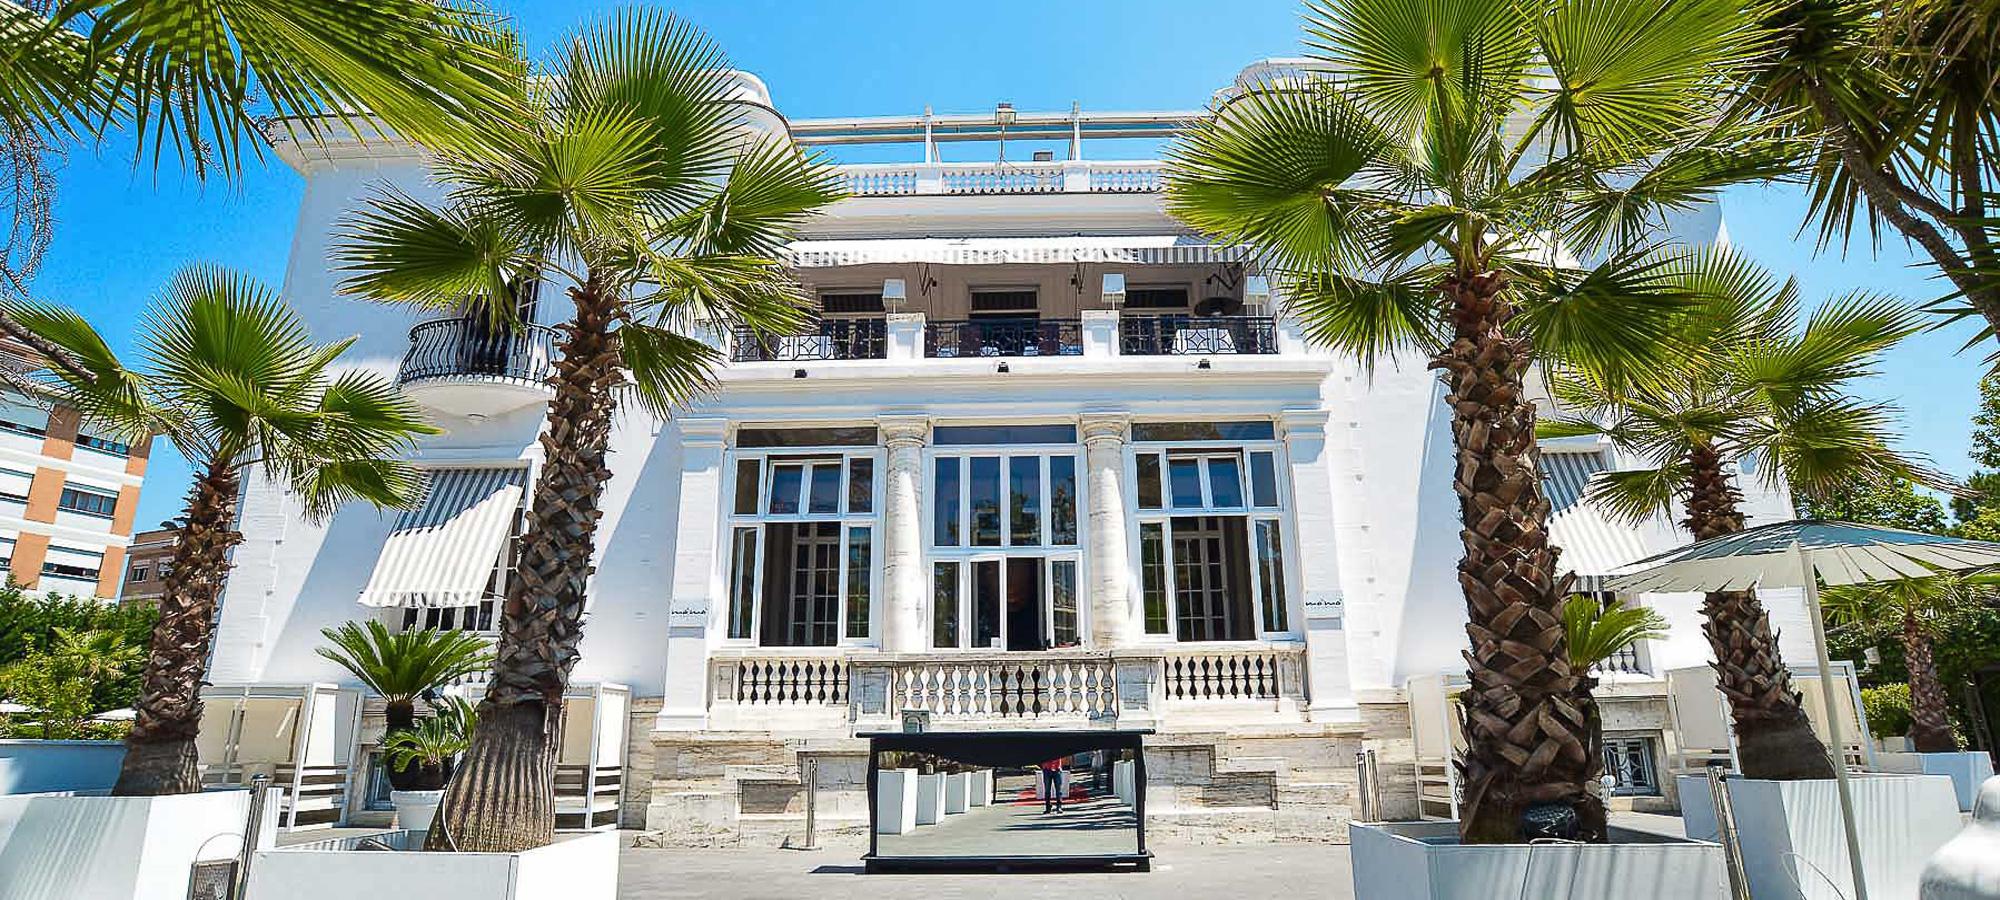 Villa Pamphilj - Momo Republic